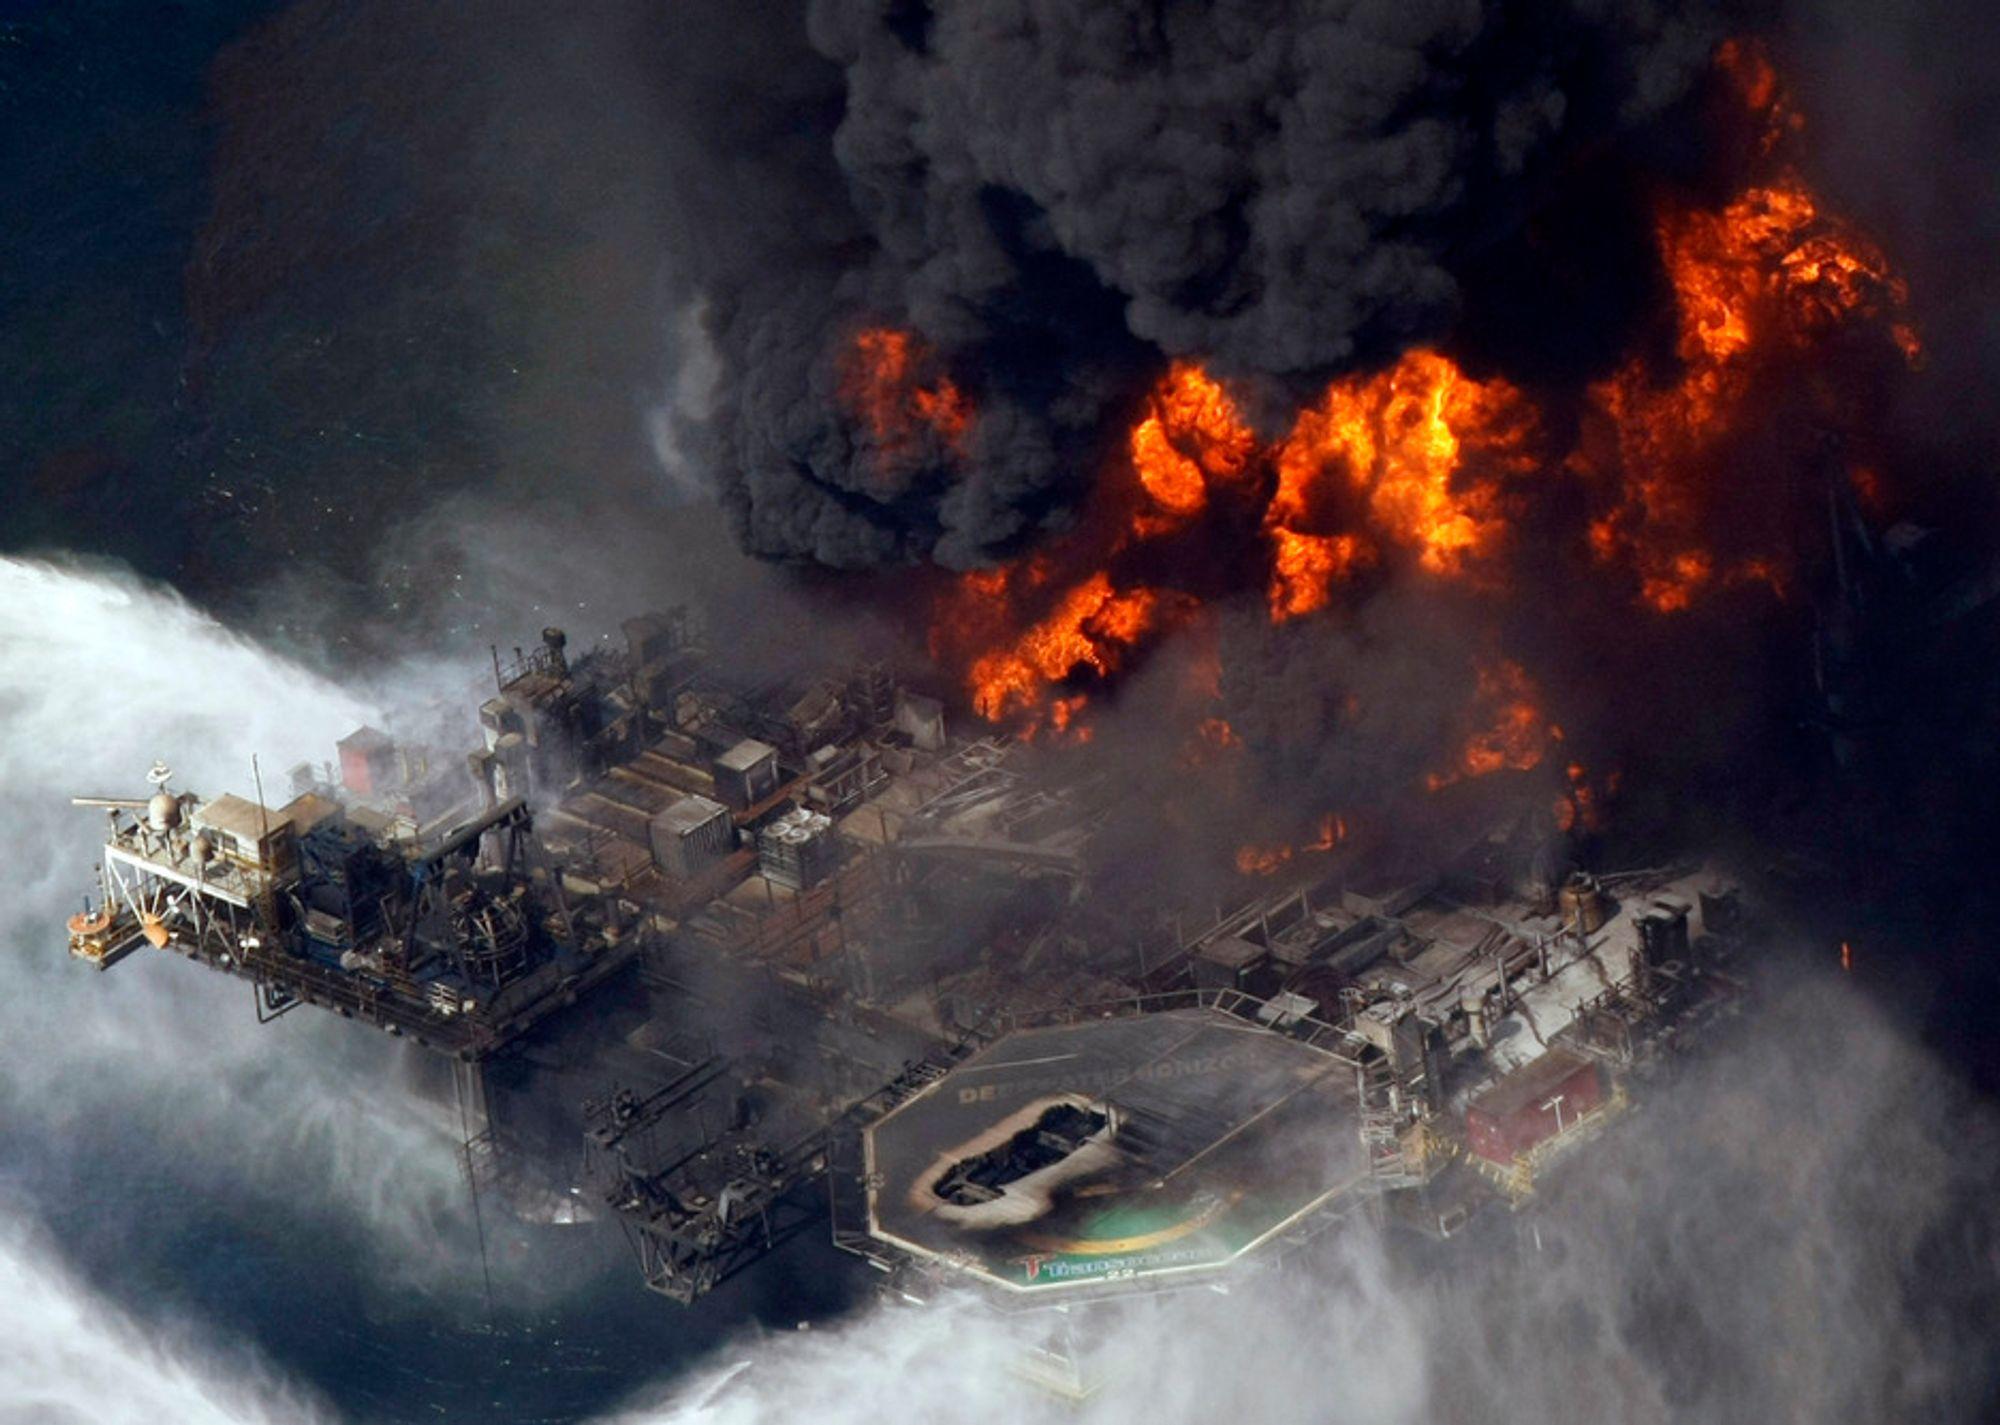 Halliburton må ta skylden for ulykken på Deepwater Horizon, mener BP.